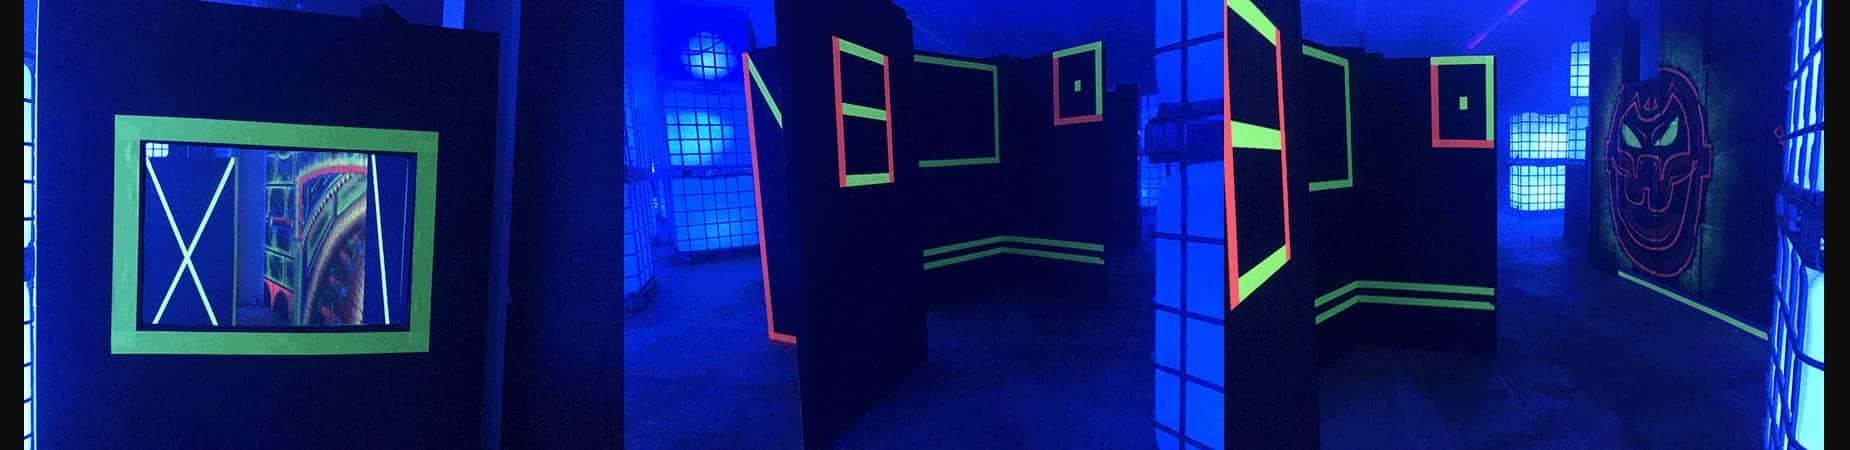 LaserTag bei Recklinghausen spielen